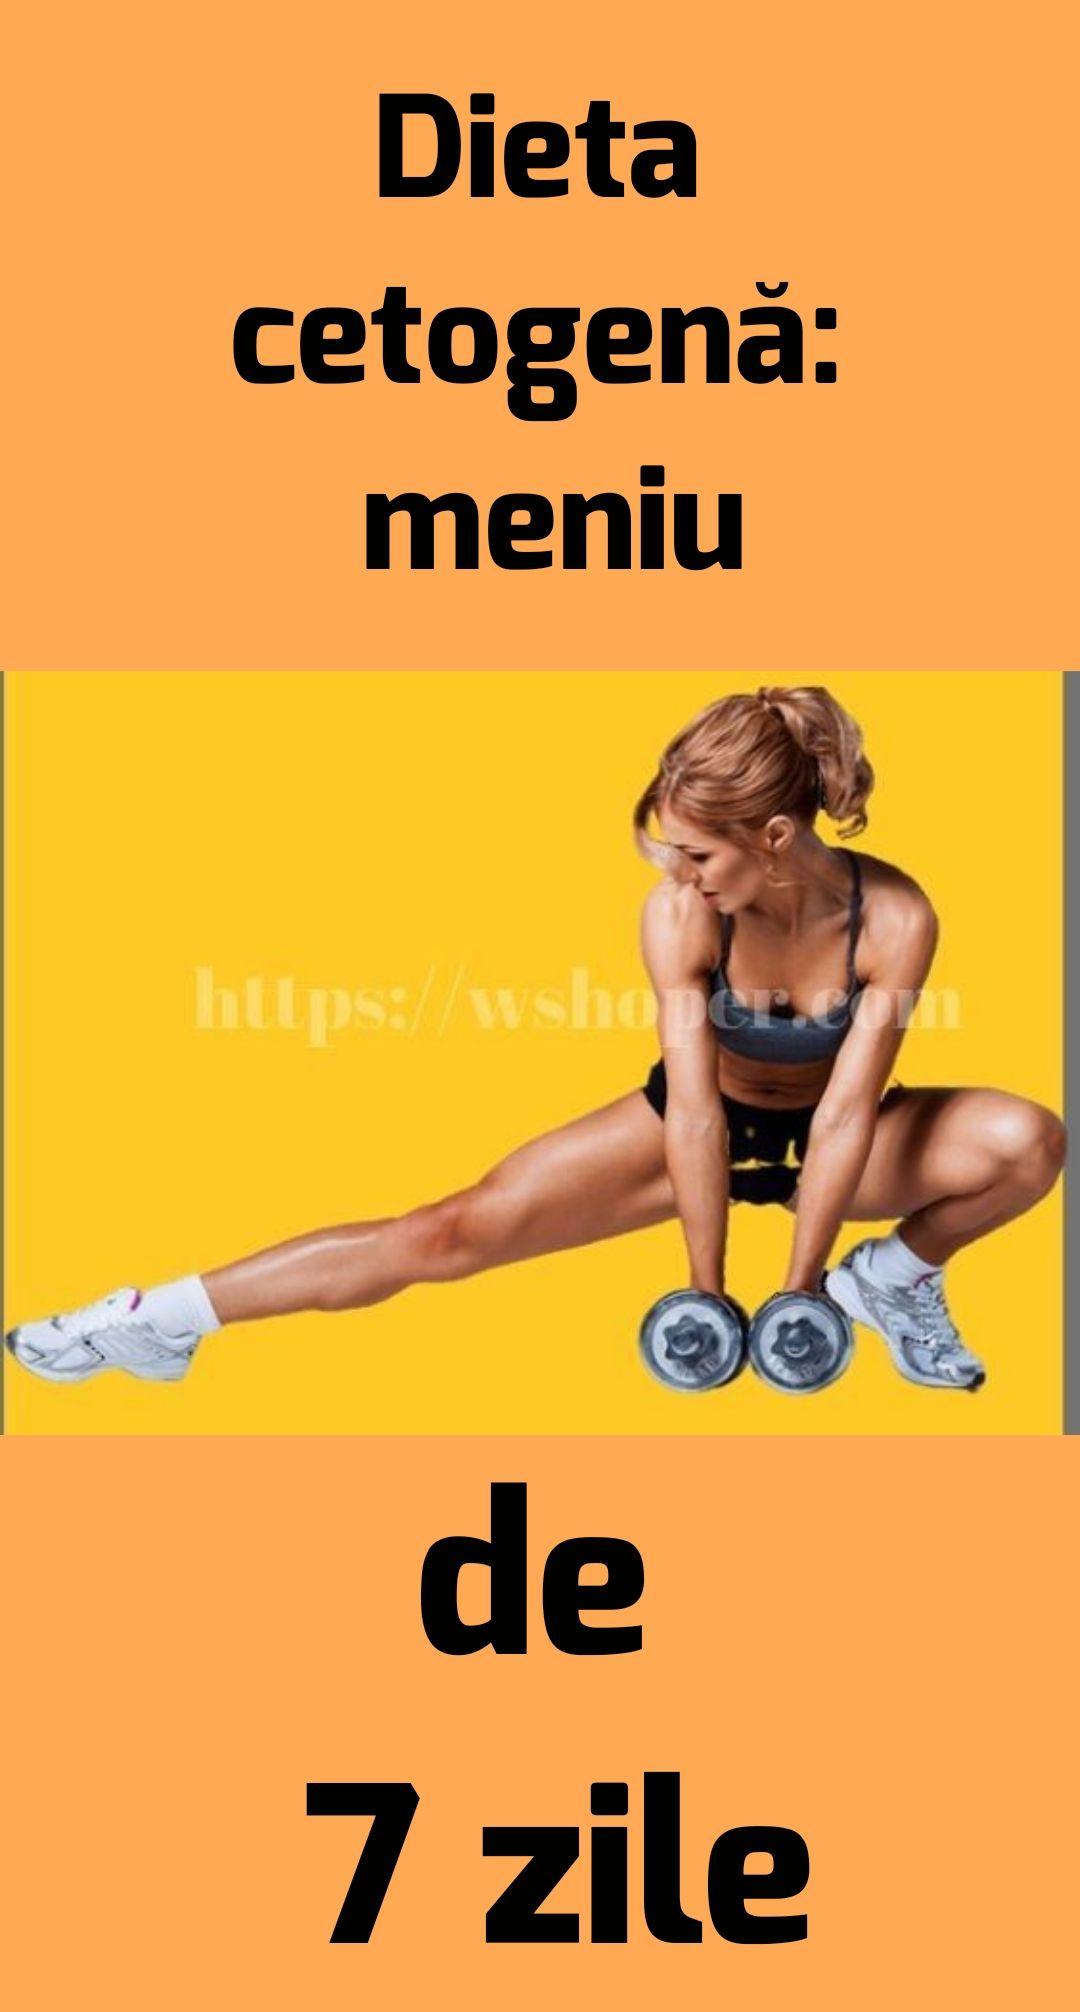 restaurante pentru pierderea in greutate